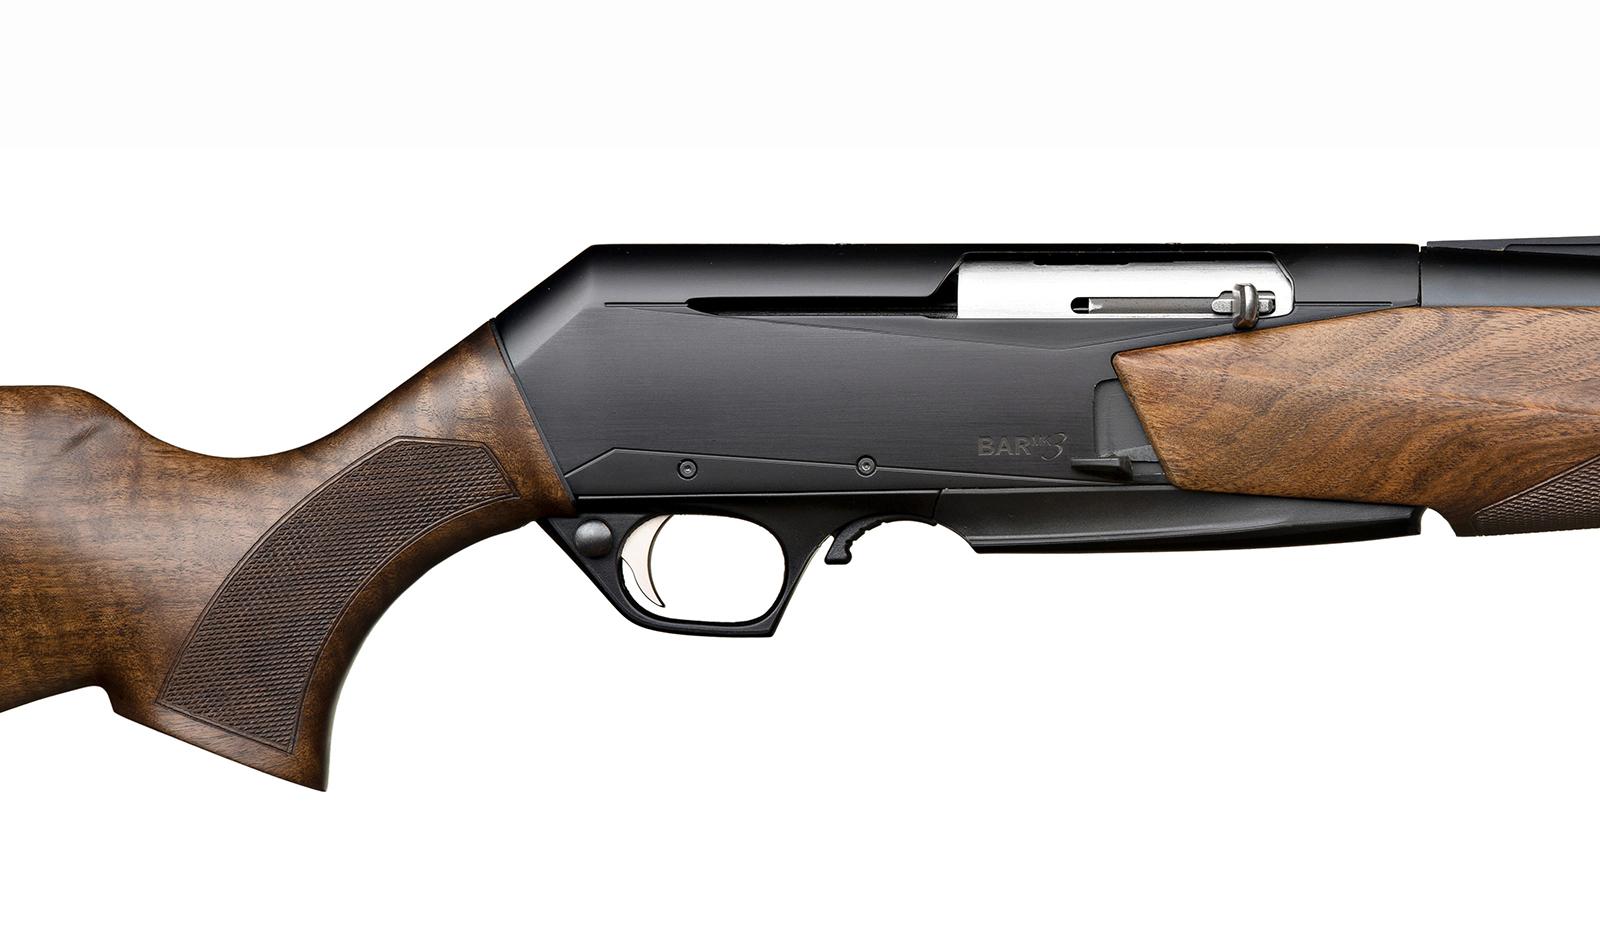 Горячие предложения февраля. Browning BAR MK3 — уже в продаже! Специальное предложение на патроны RIO, Sightline N455